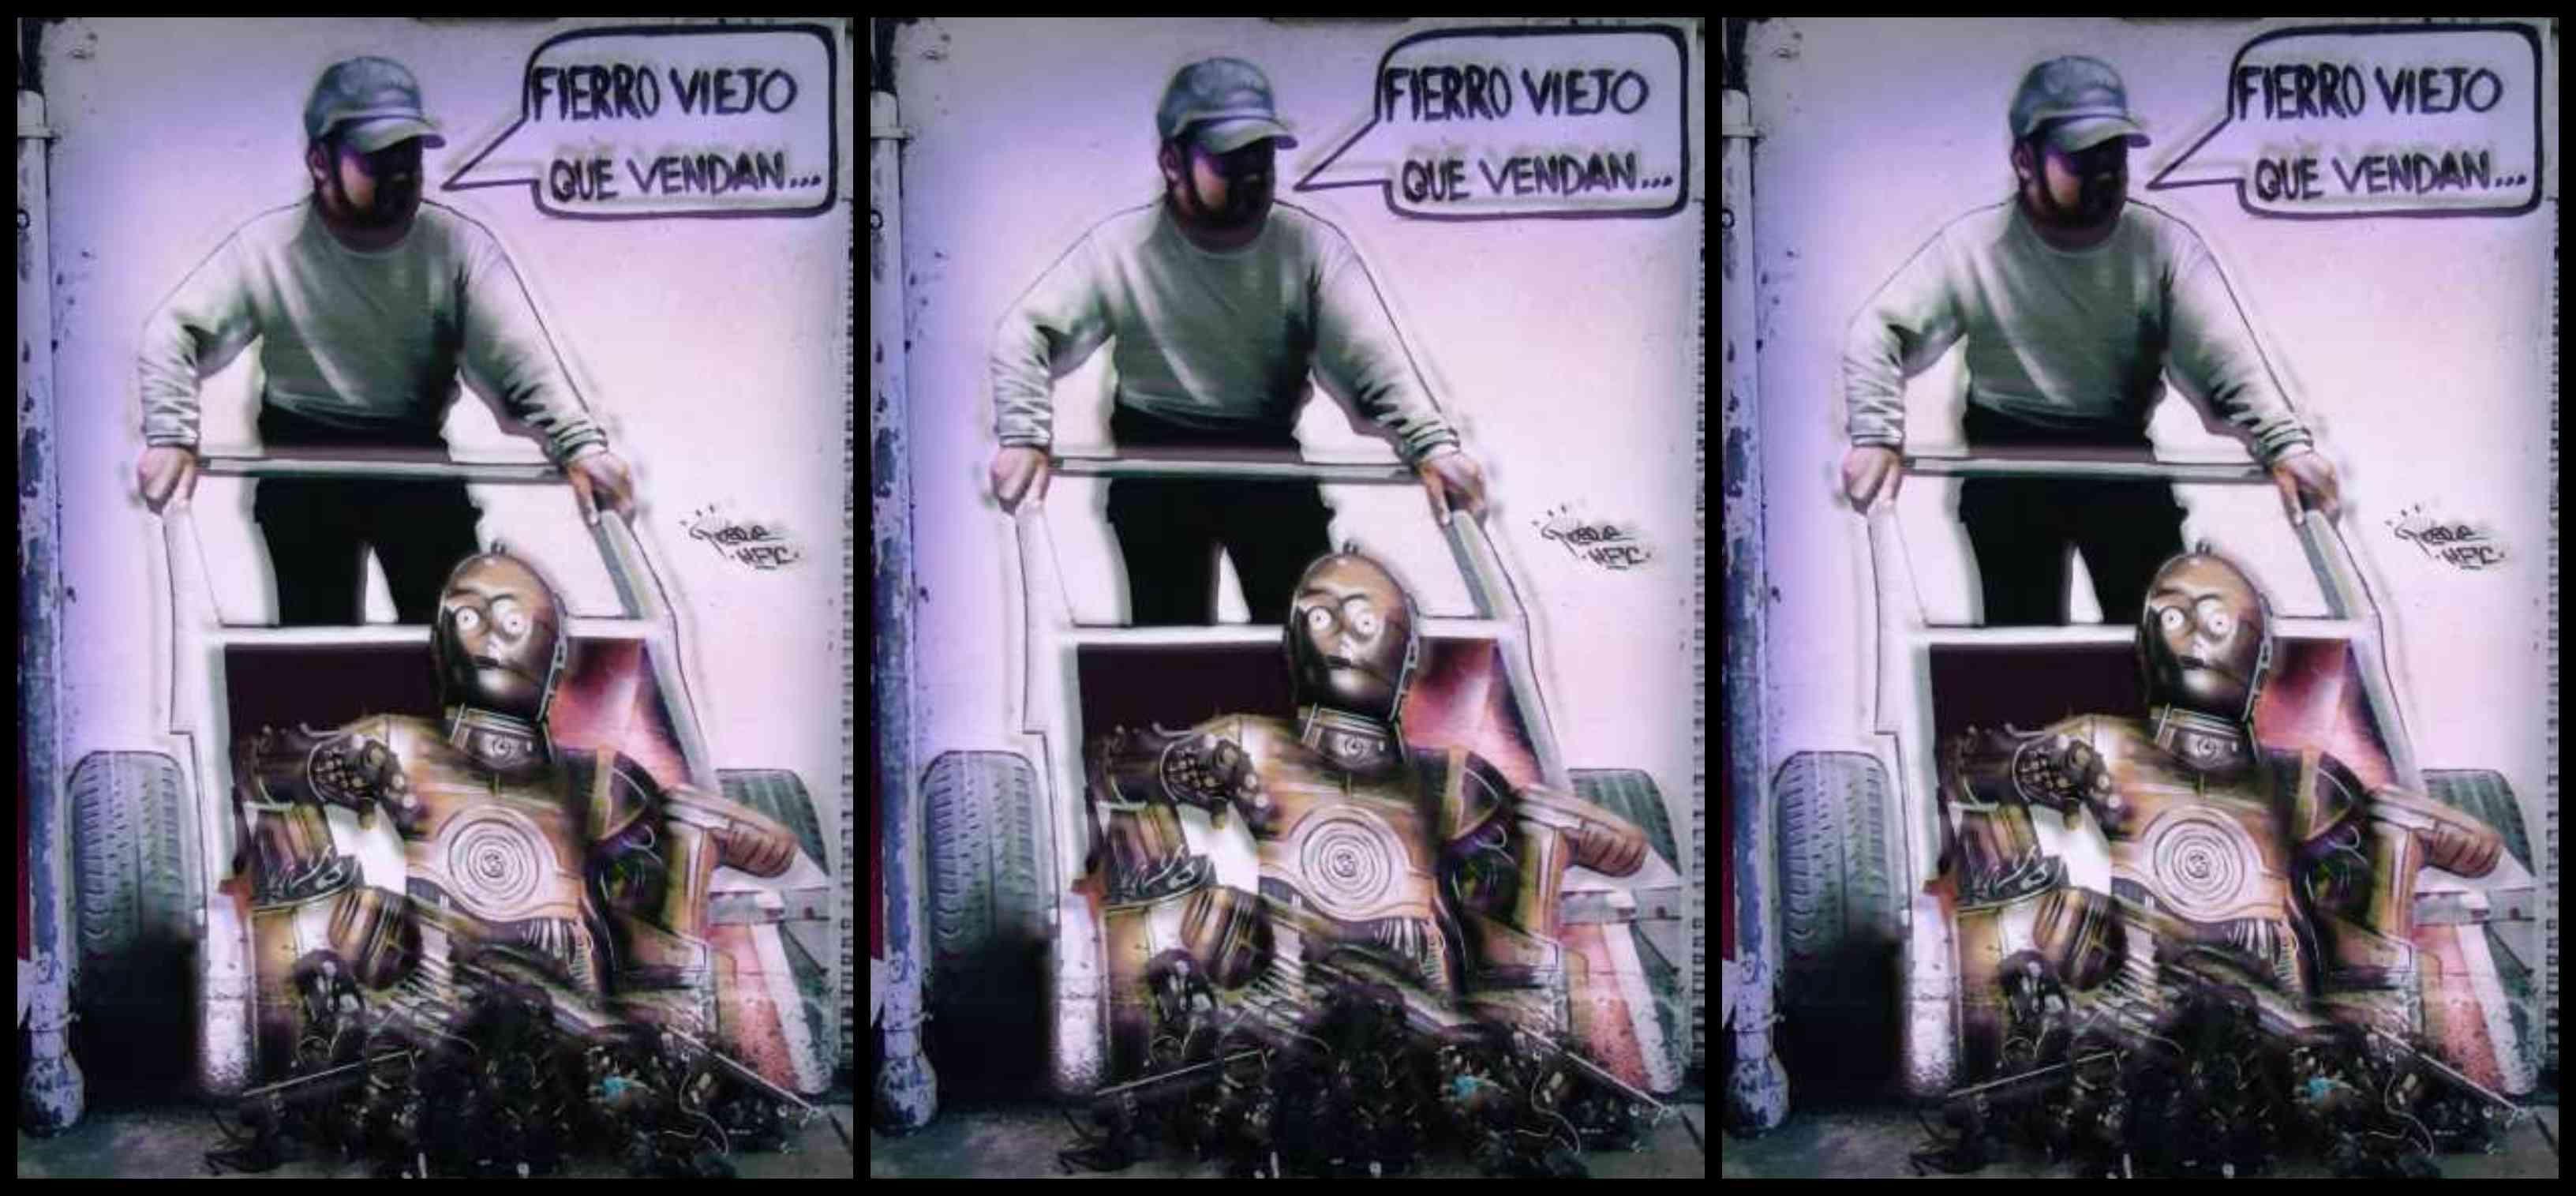 fierro-viejo-que-venda-historia-sonido-pregon-cdmx-sonidos-mexico